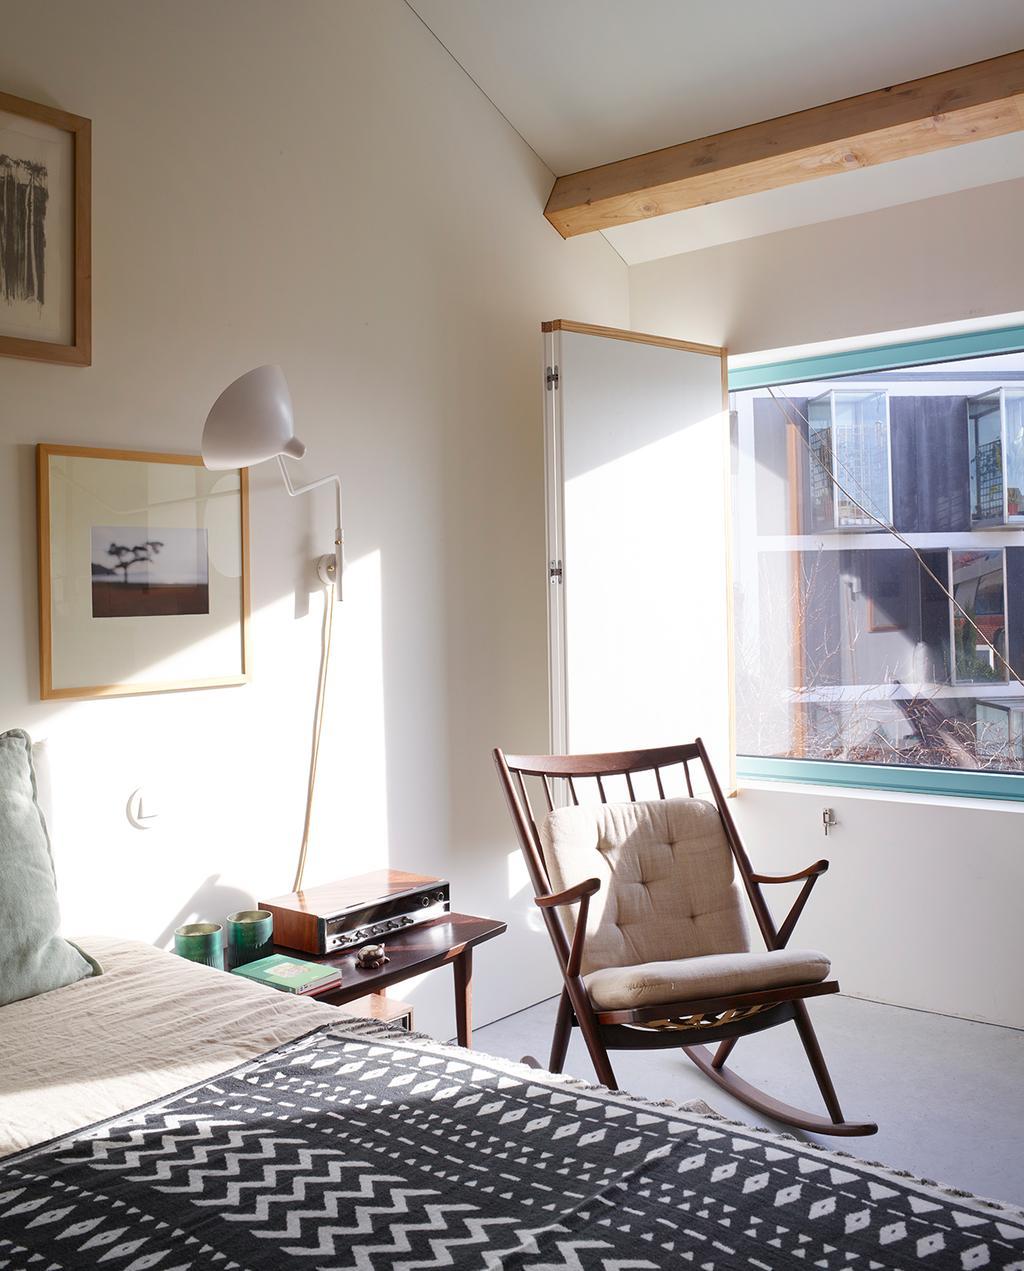 vtwonen 05-2020 | modern stadshuis Porto slaapkamer met schommelstoel